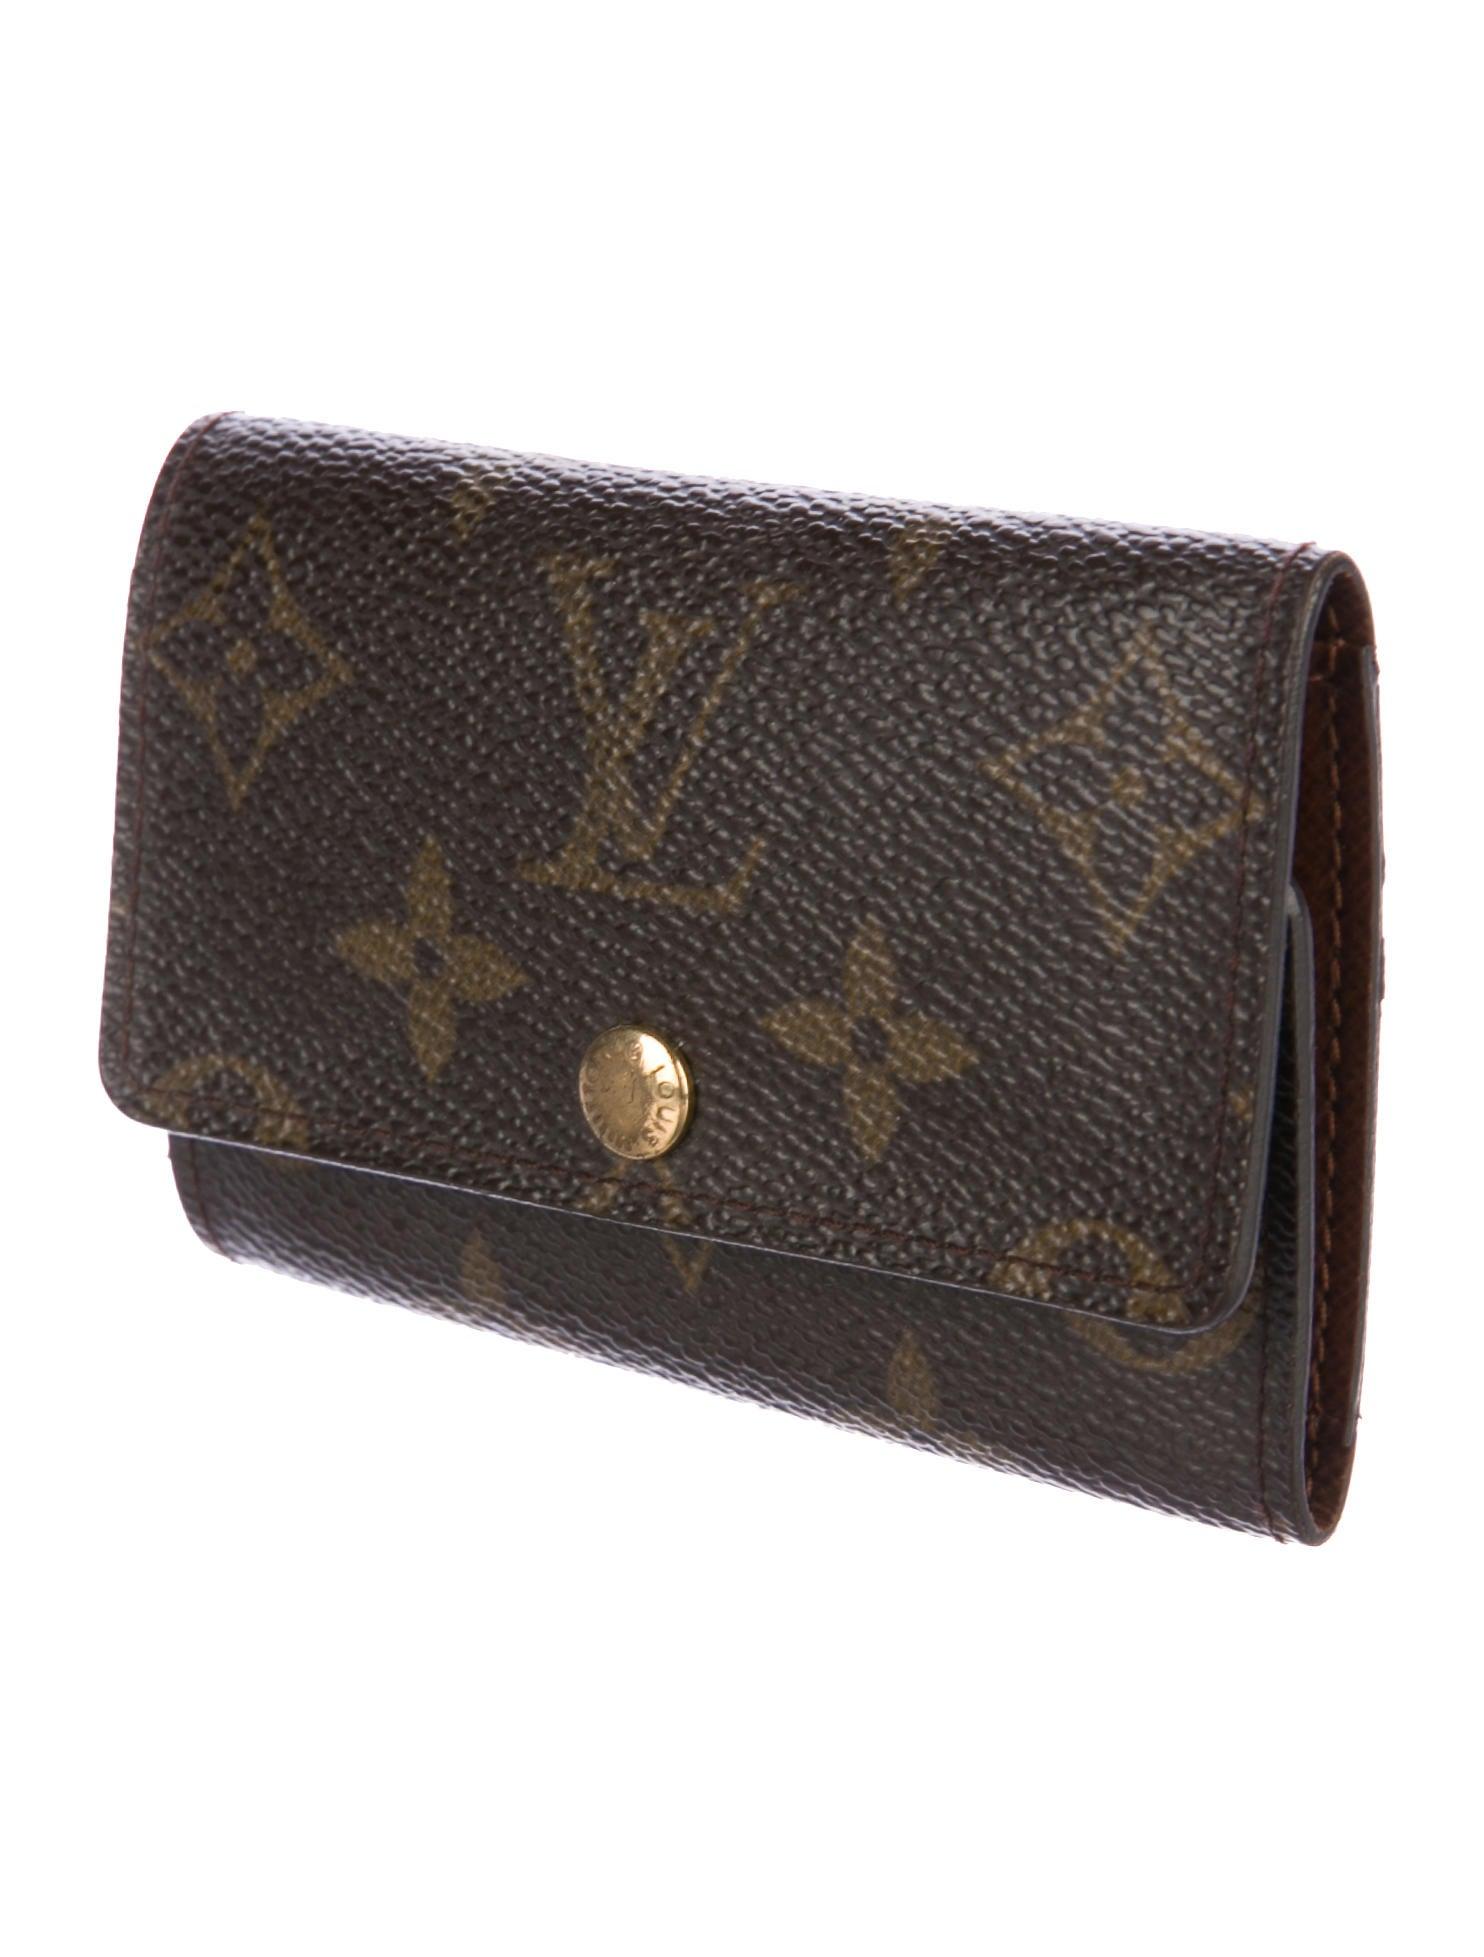 Louis Vuitton Six Ring Key Holder